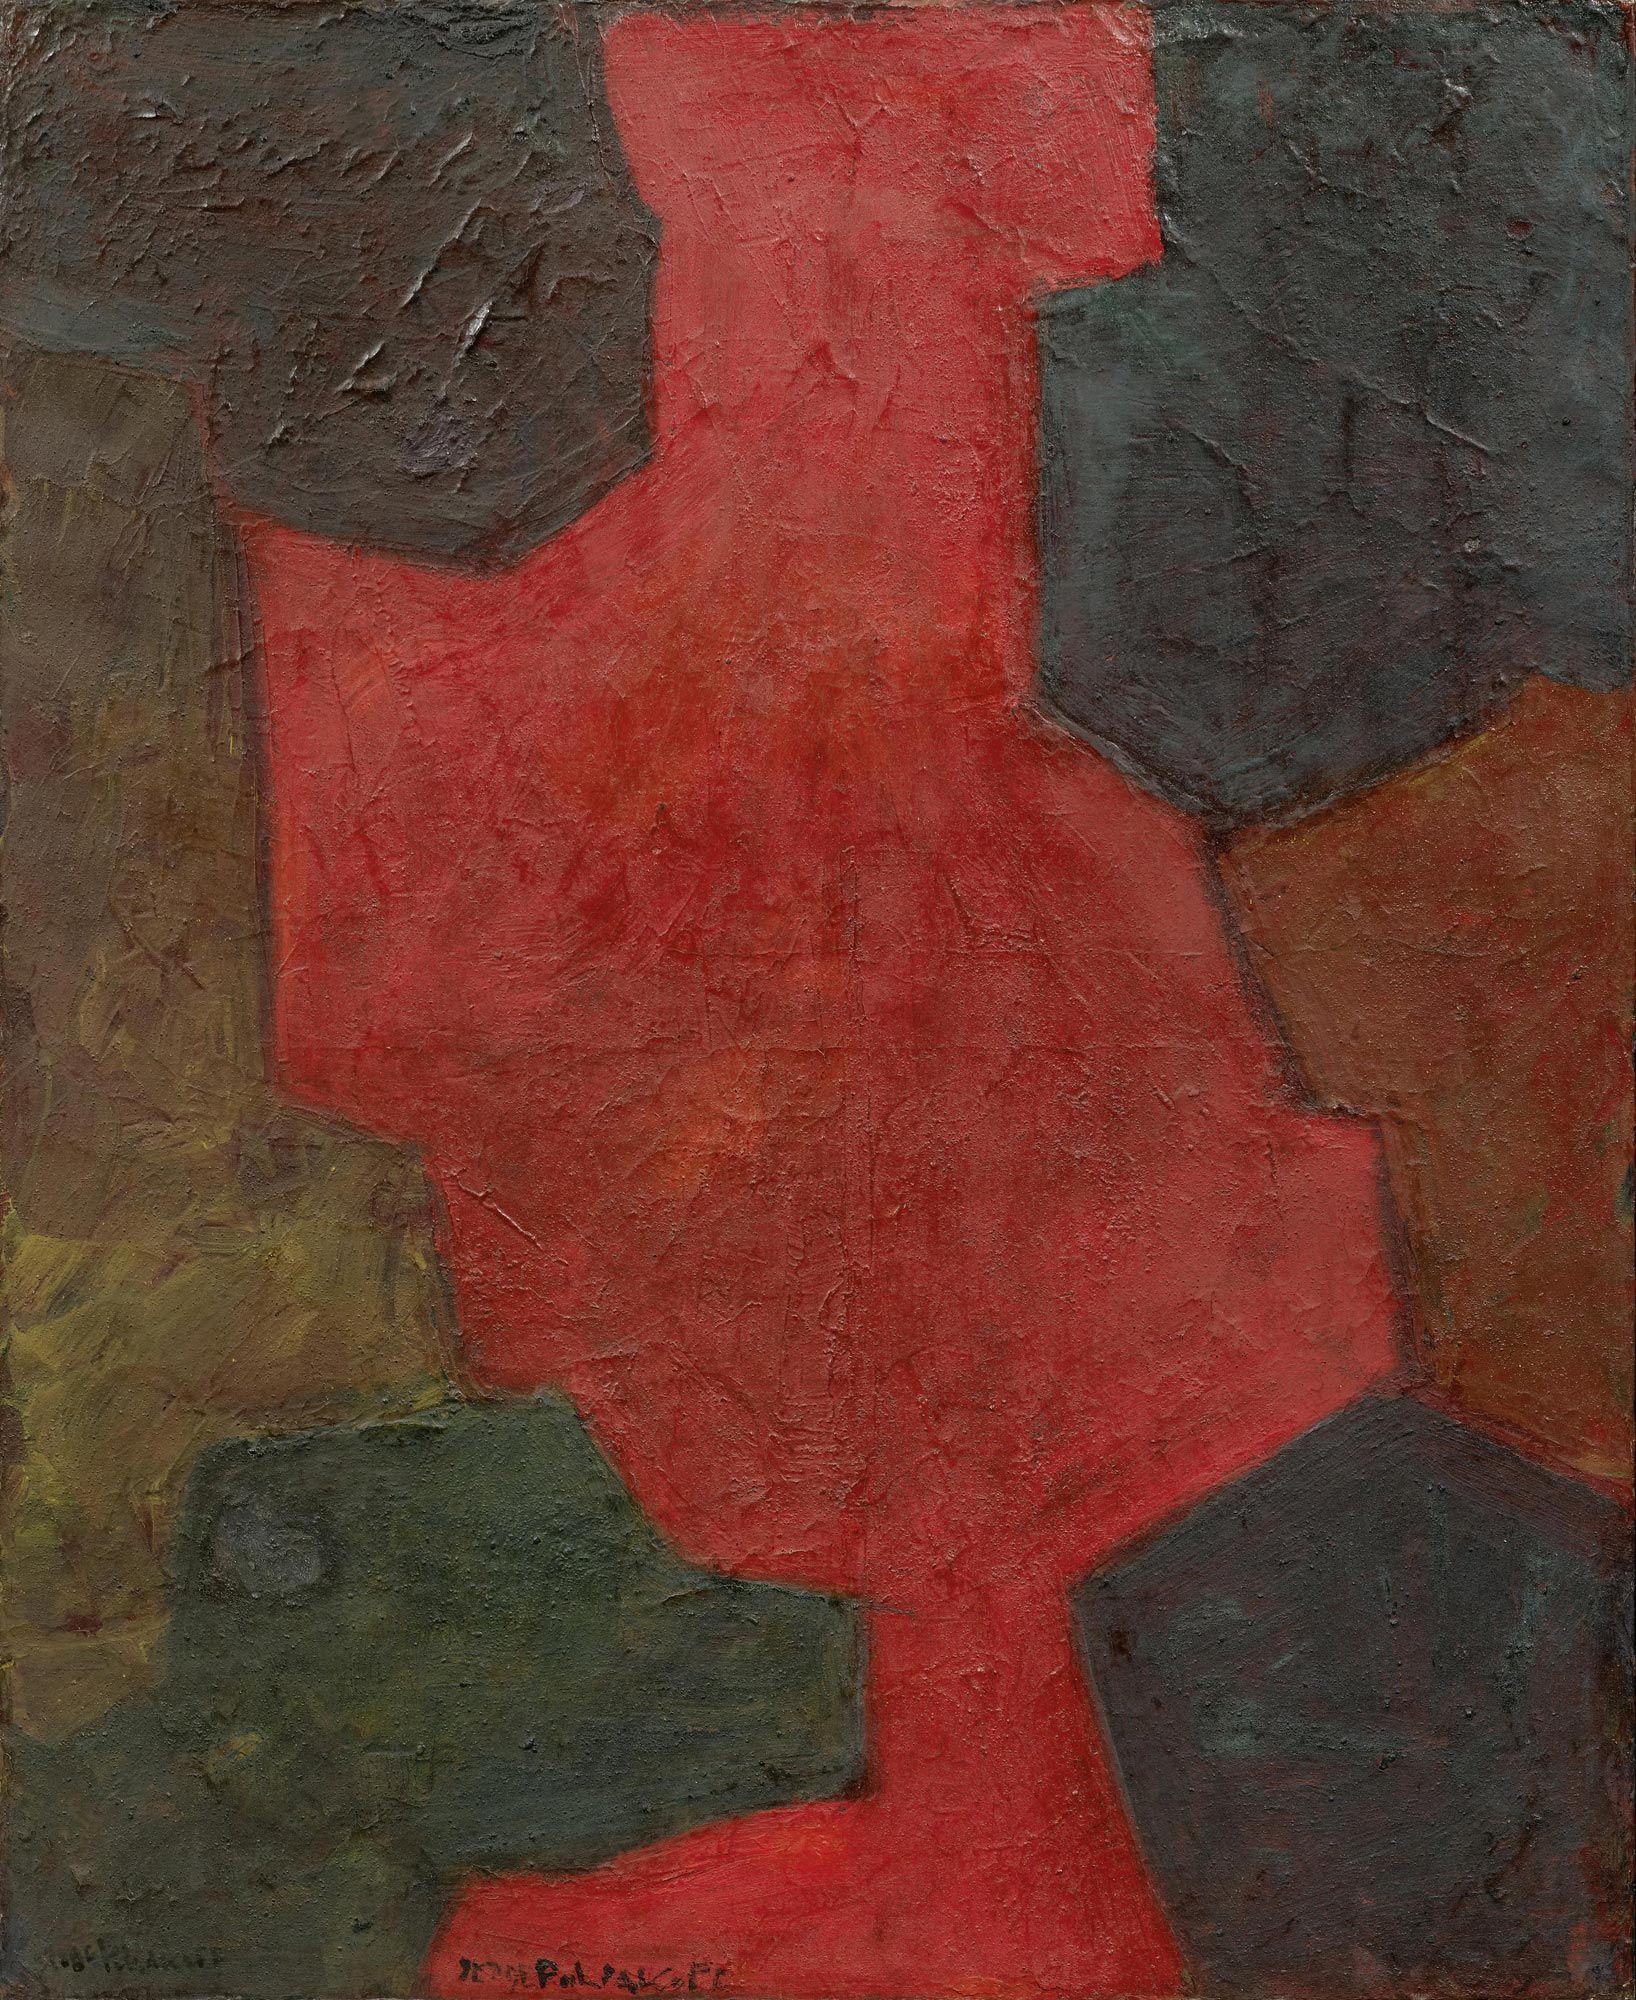 SERGE POLIAKOFF Composition abstraite en rouge et bleu. 1962.